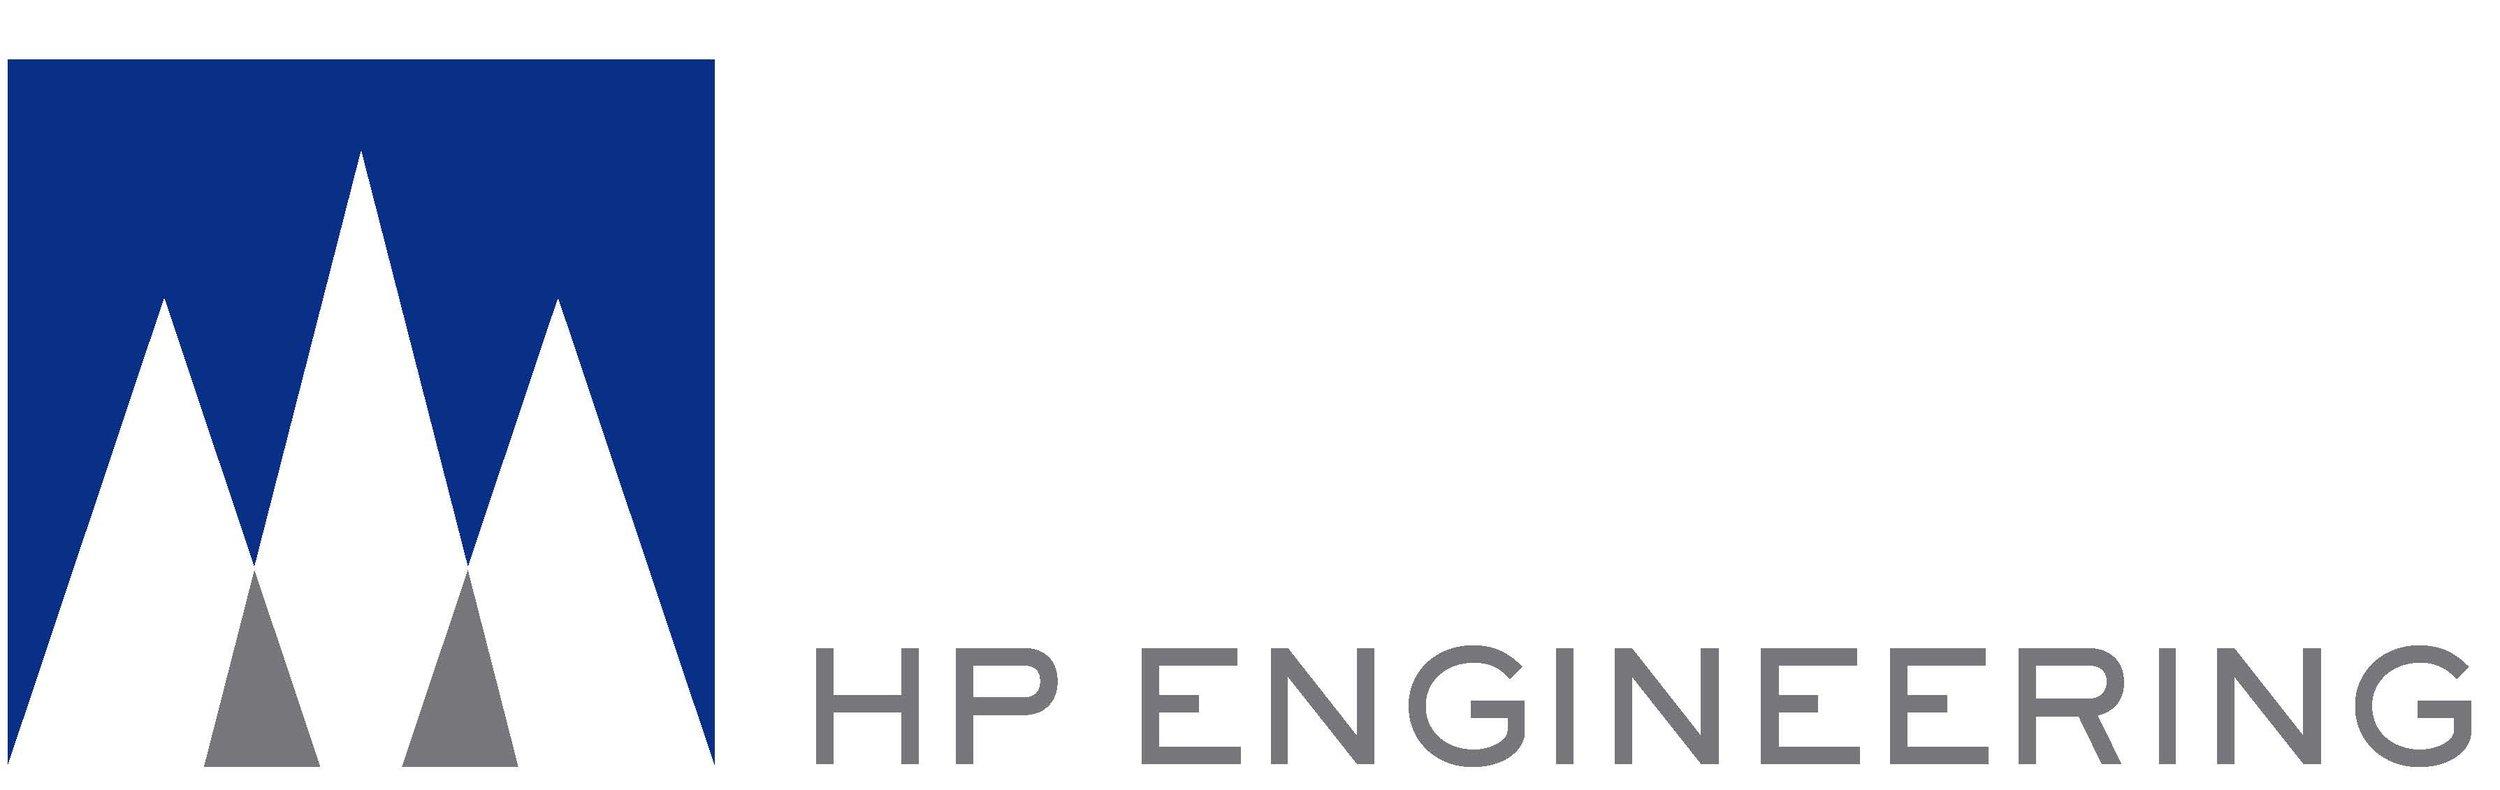 HPE-Logo-Horizontal-FullColor-Print jpg.jpg